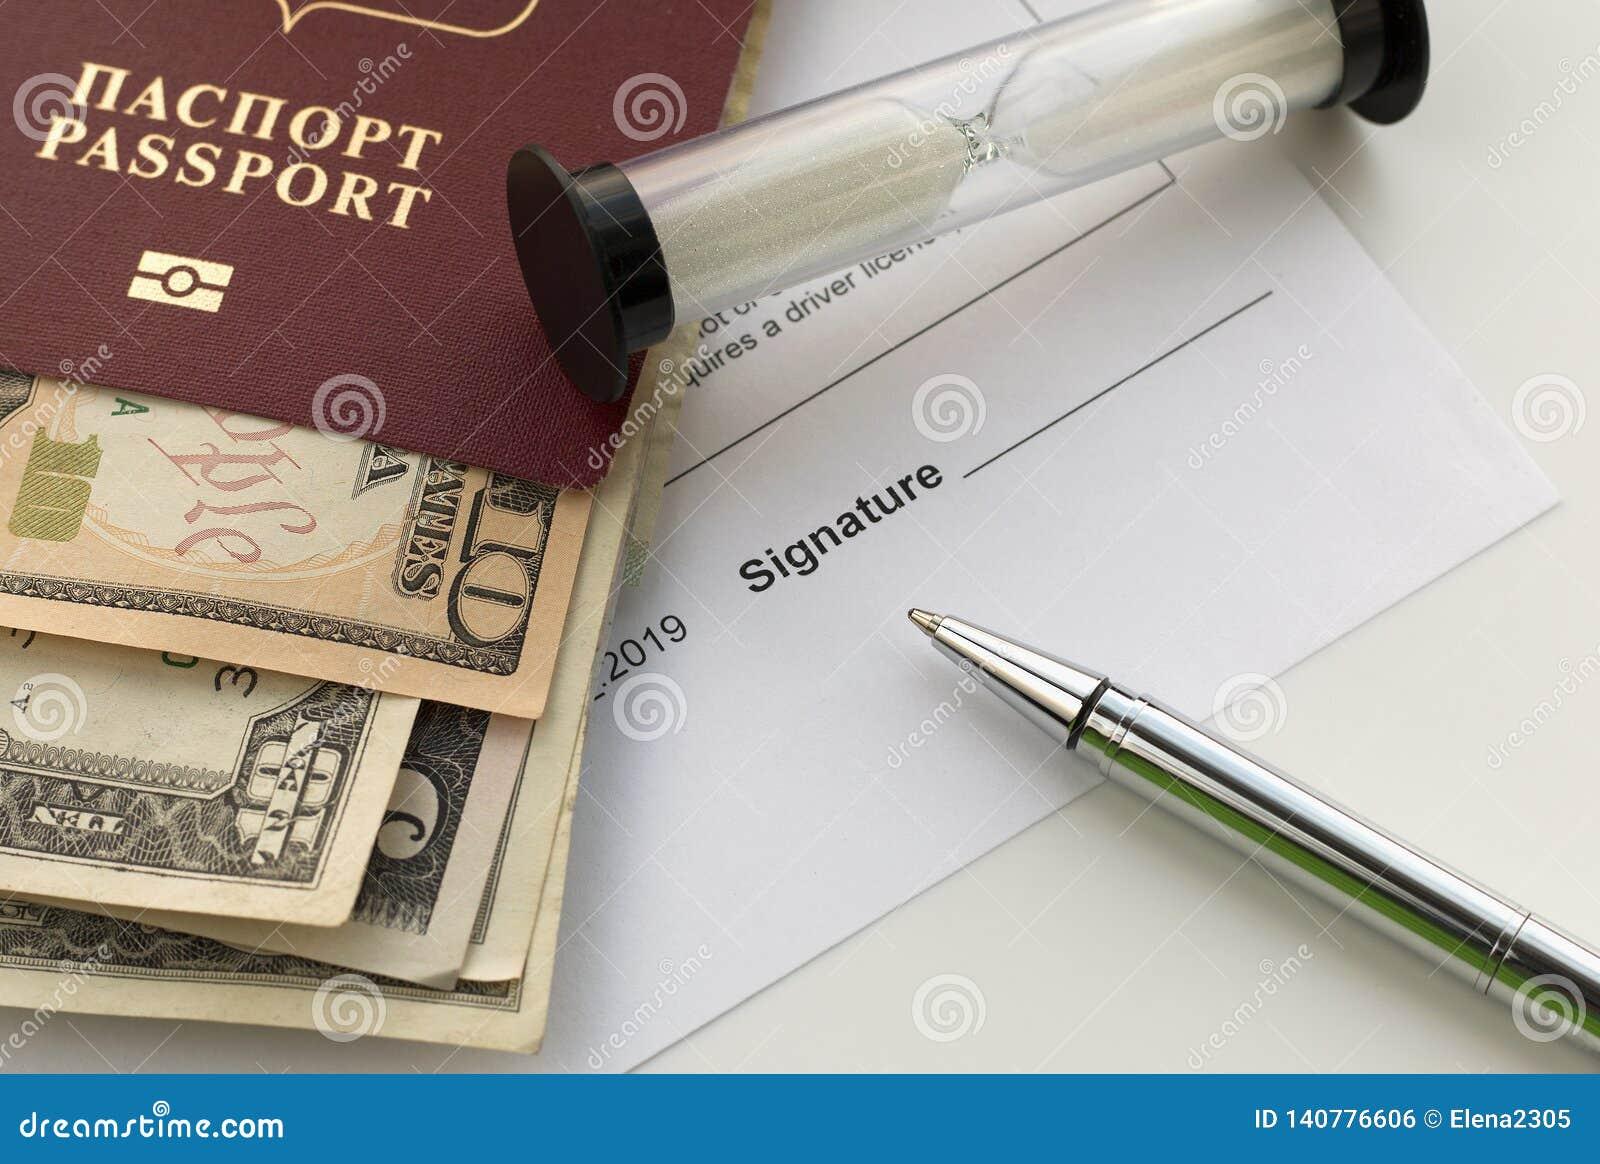 Firma de un documento Pasaporte de la Federación Rusa con los billetes de banco de los dólares americanos,